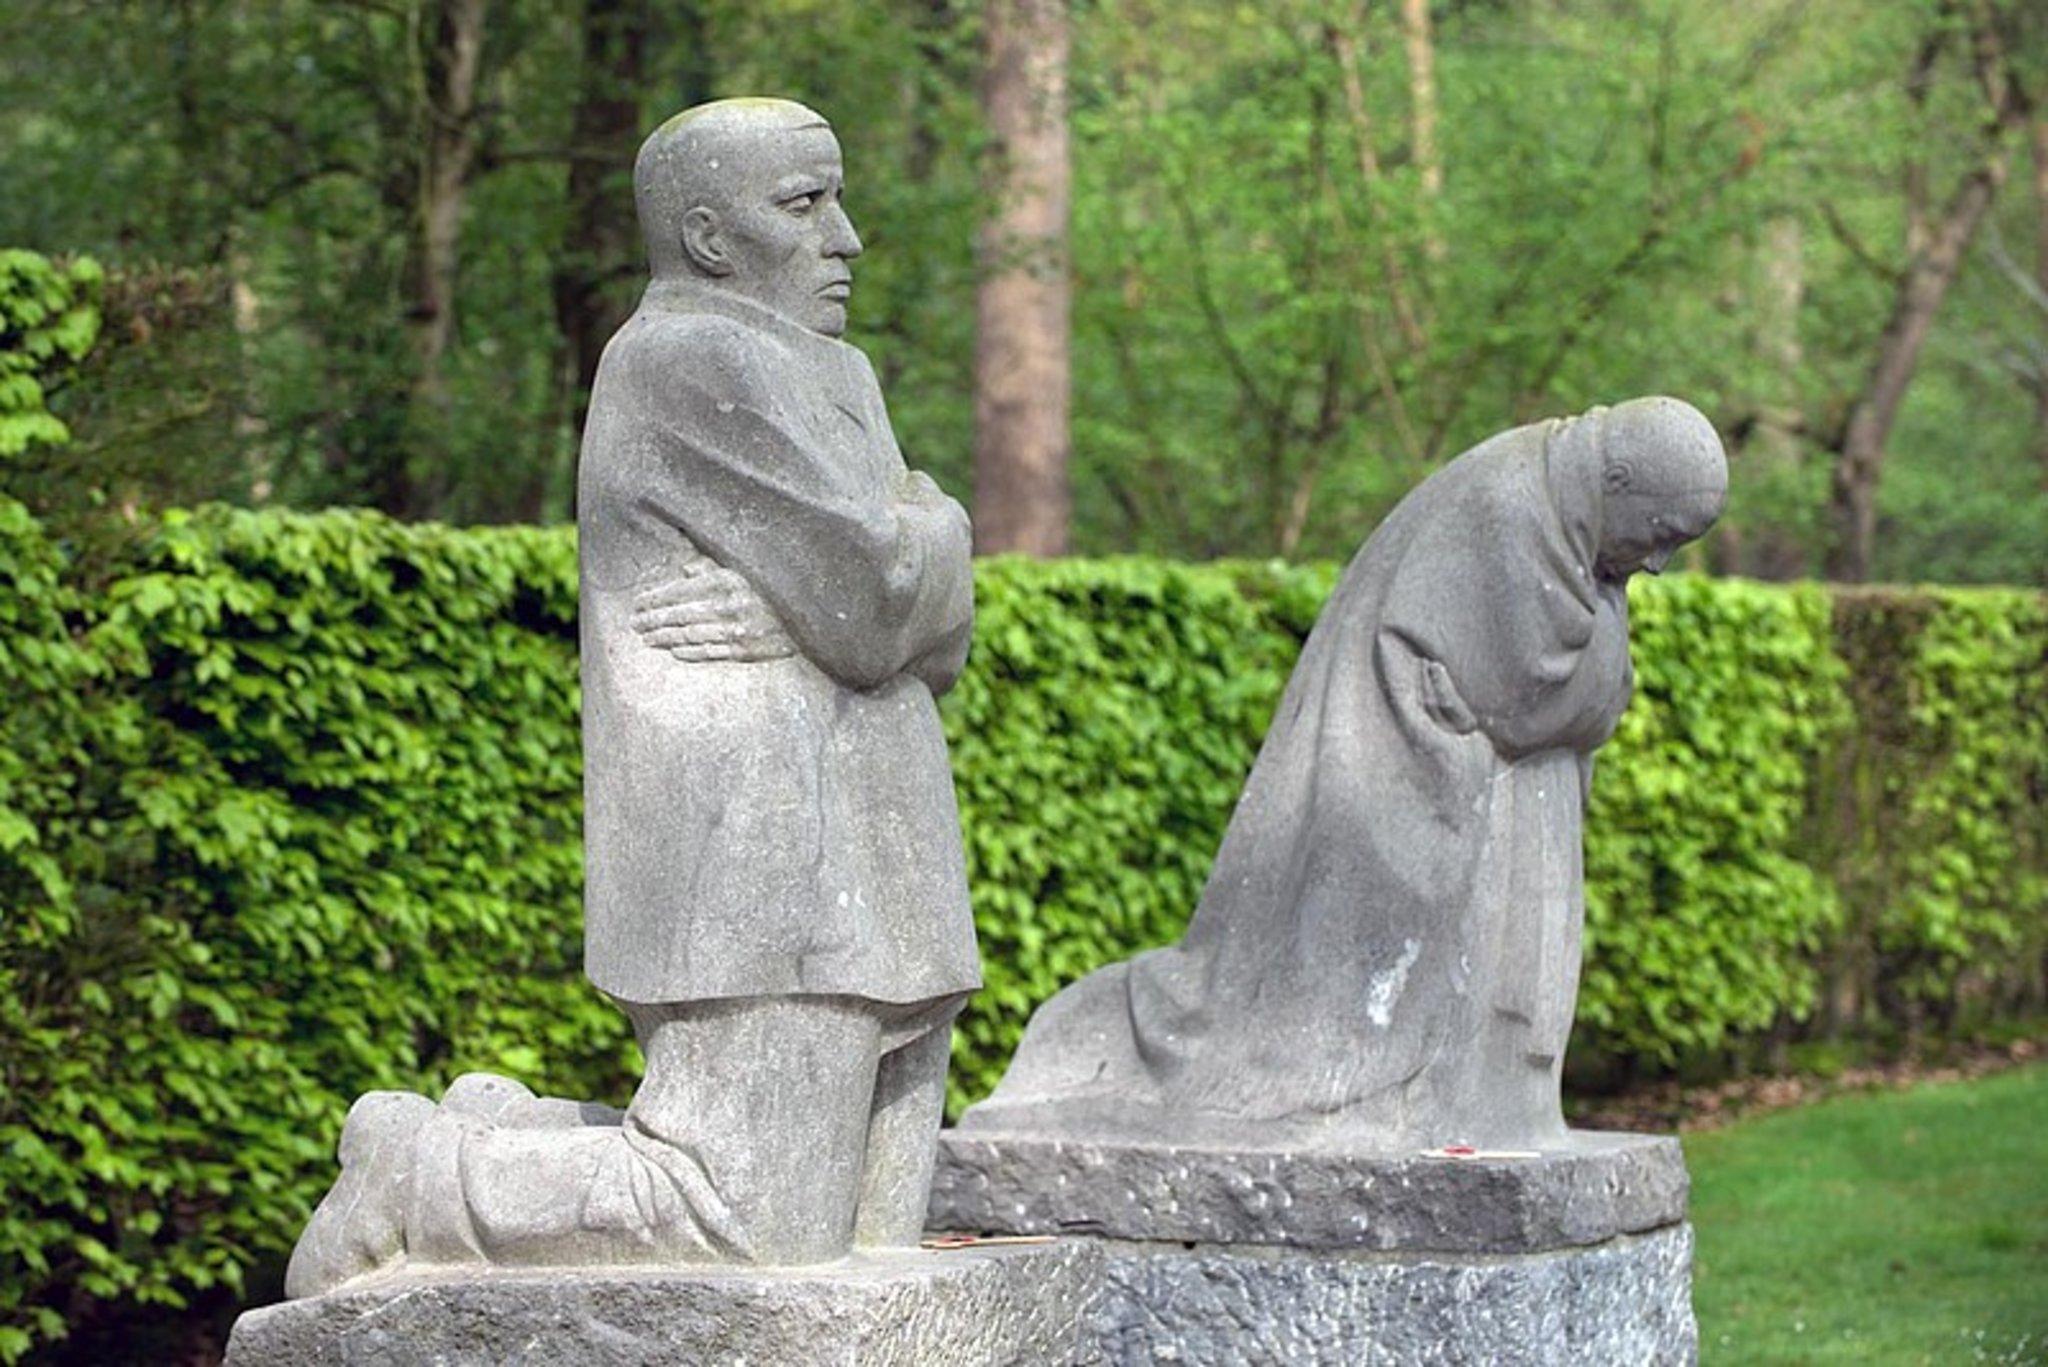 Volkstrauertag 2019 in Marl, 80 Jahre nach Ausbruch des Zweiten Weltkriegs - Marl - Lokalkompass.de